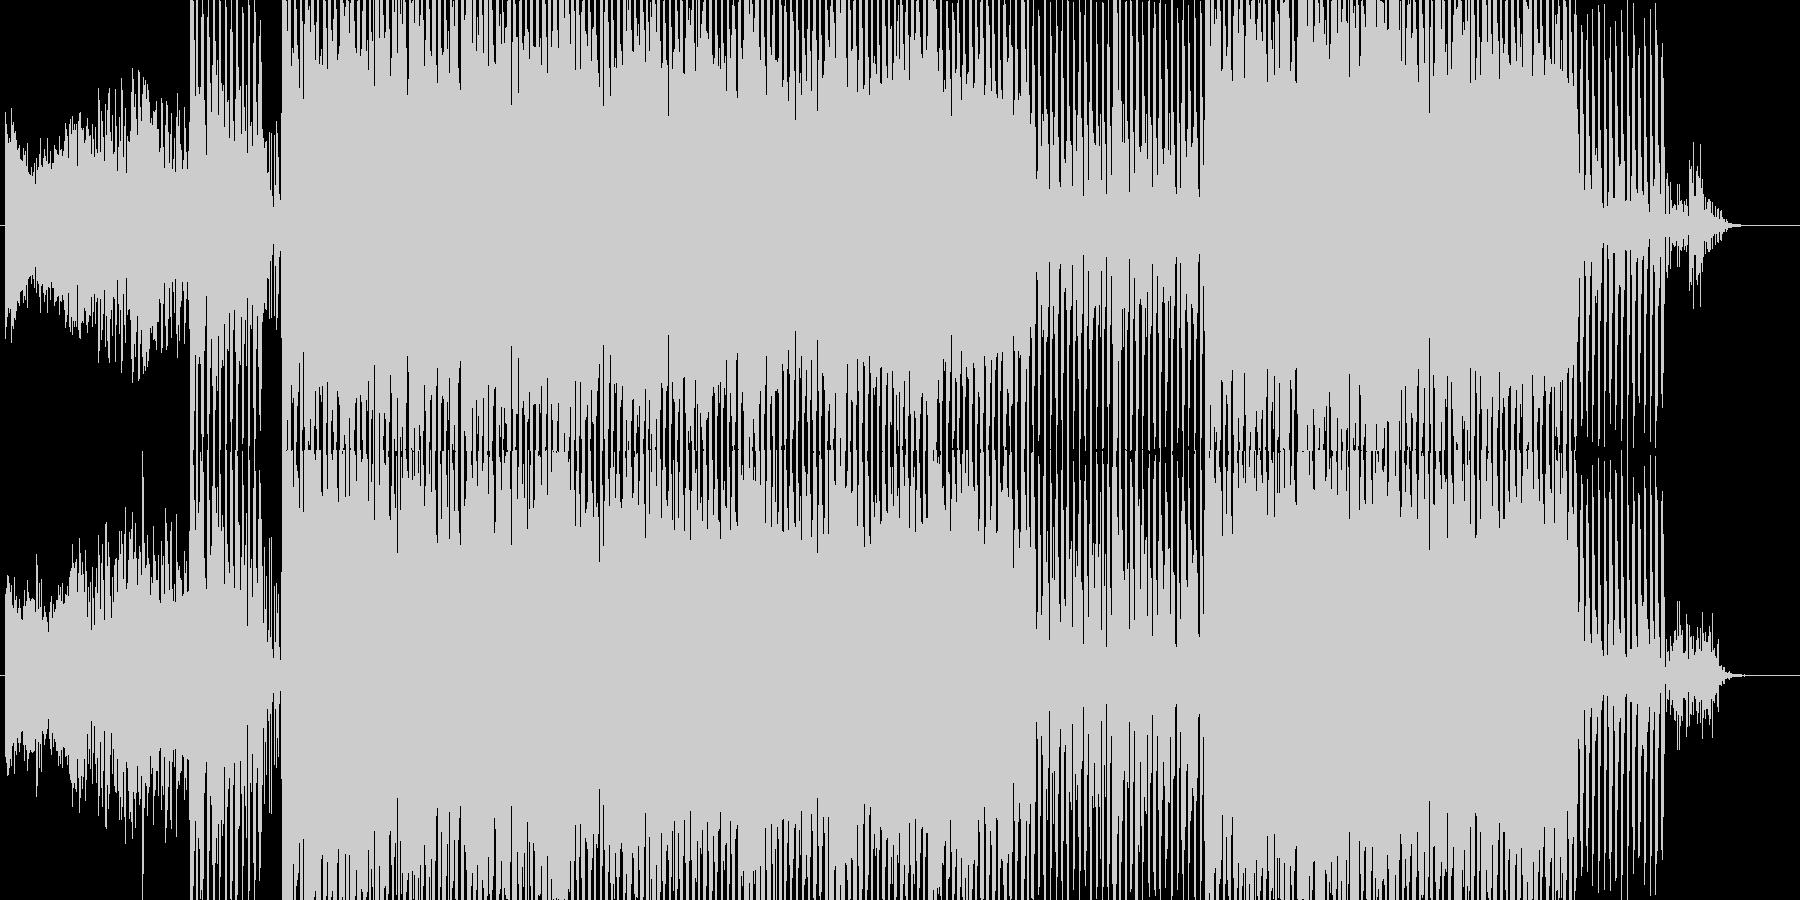 機械的なイメージの未再生の波形